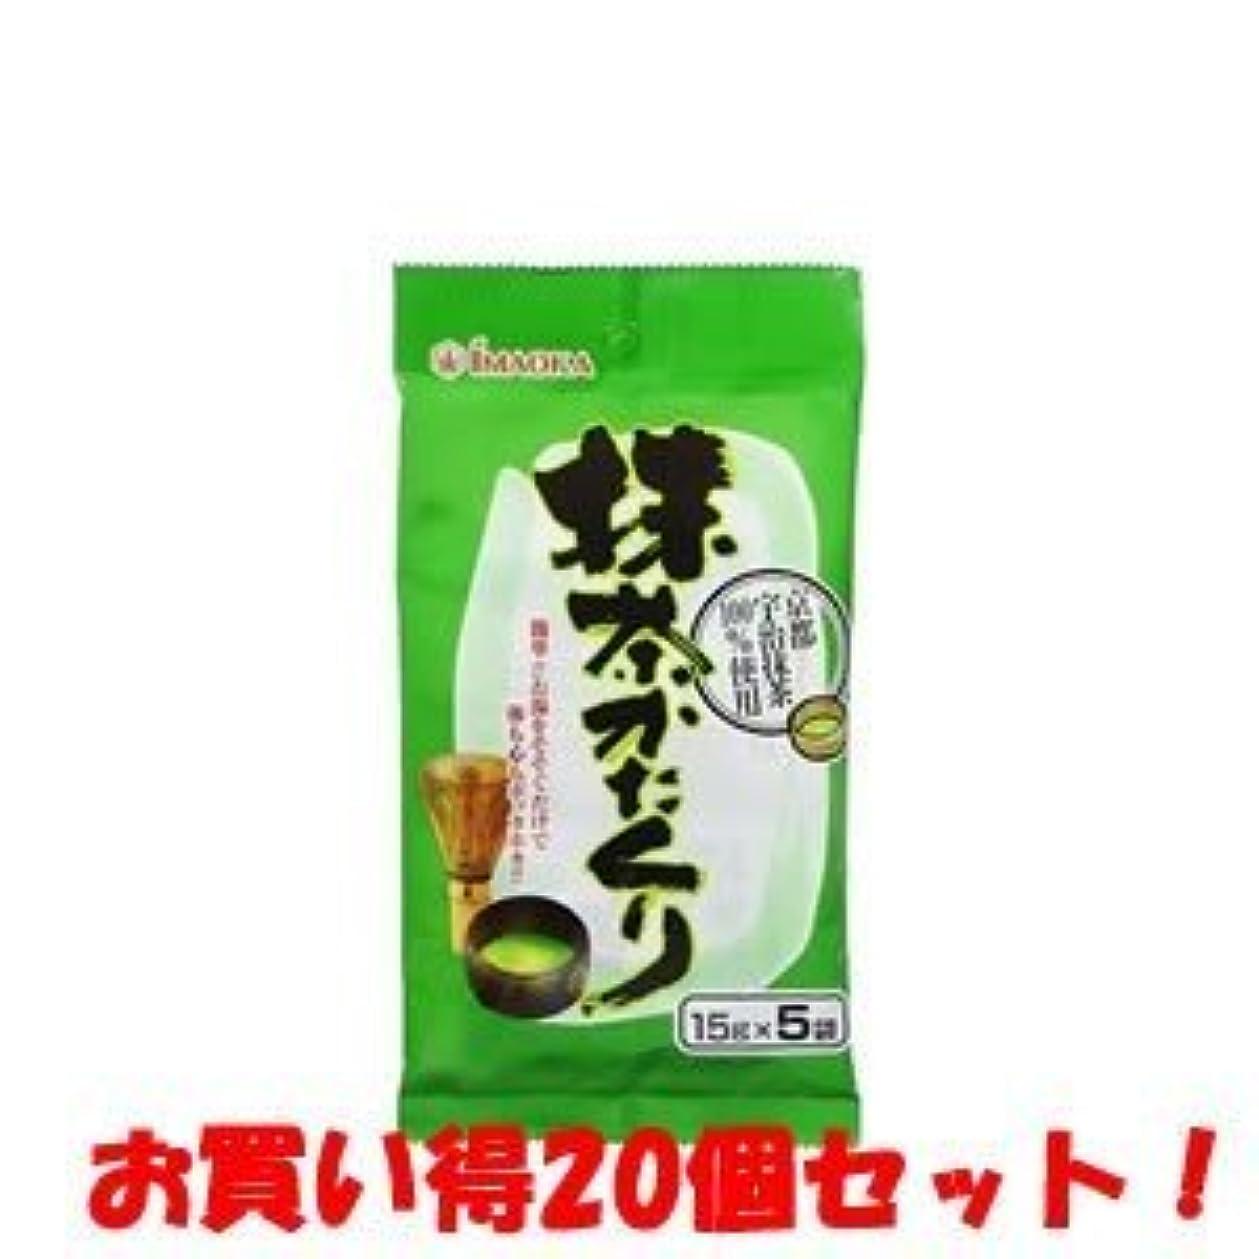 評価ロバレンチ(今岡製菓)抹茶かたくり 15g×5袋(お買い得20個セット)